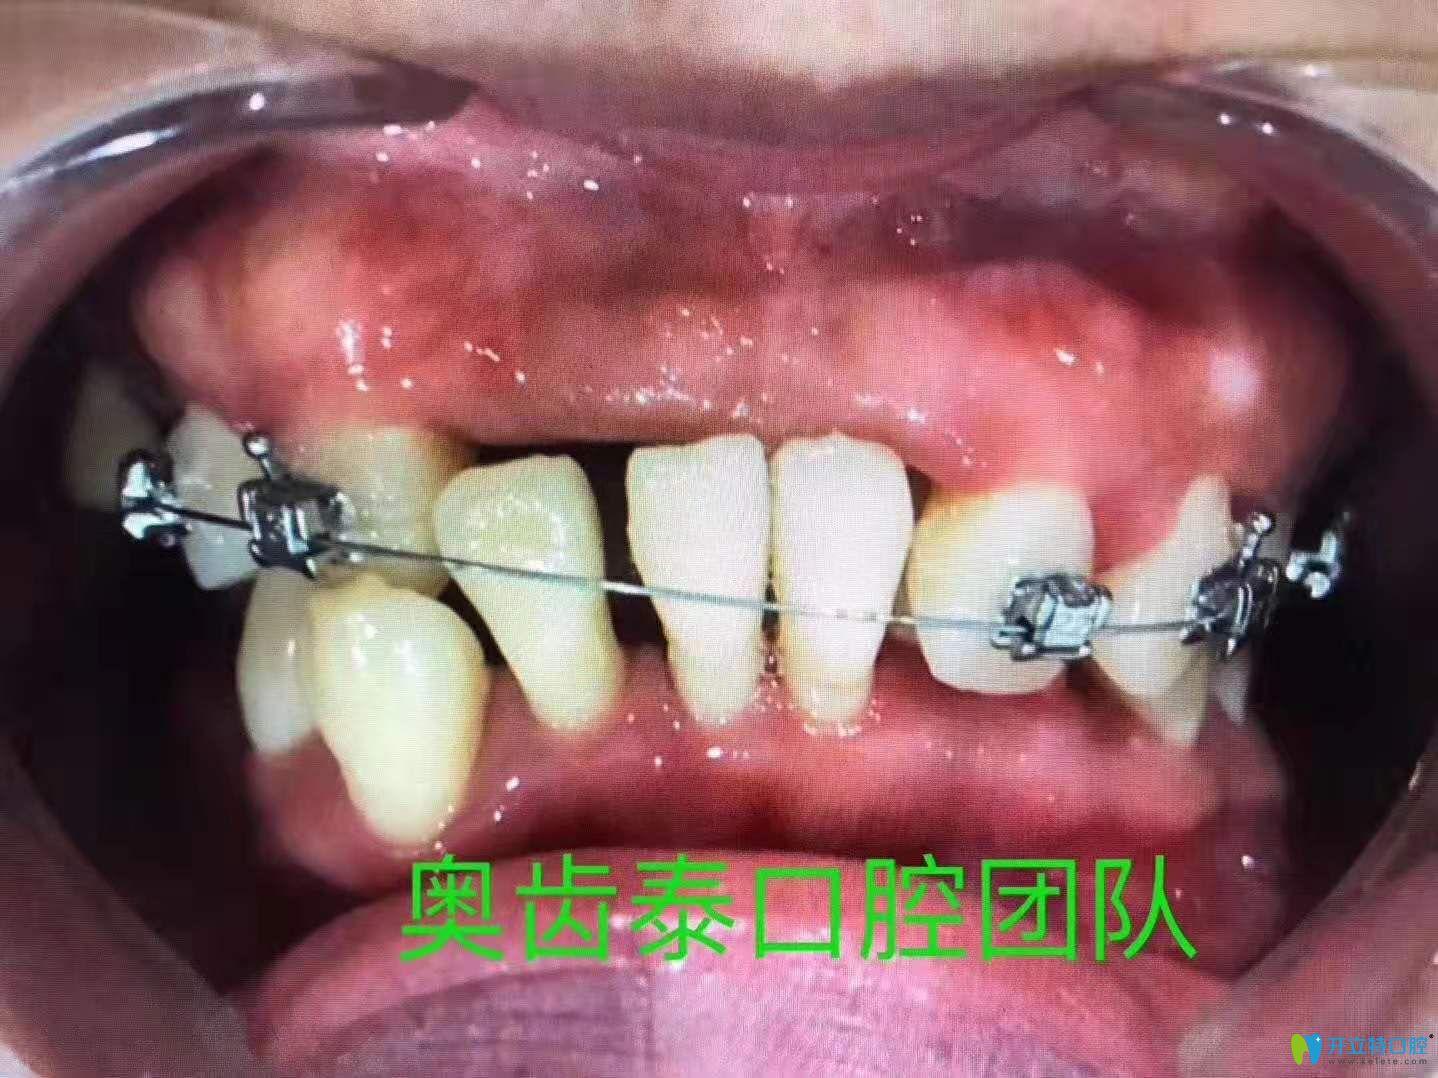 牙周炎都这样了,金属自锁托槽矫正半年后这效果必须点赞